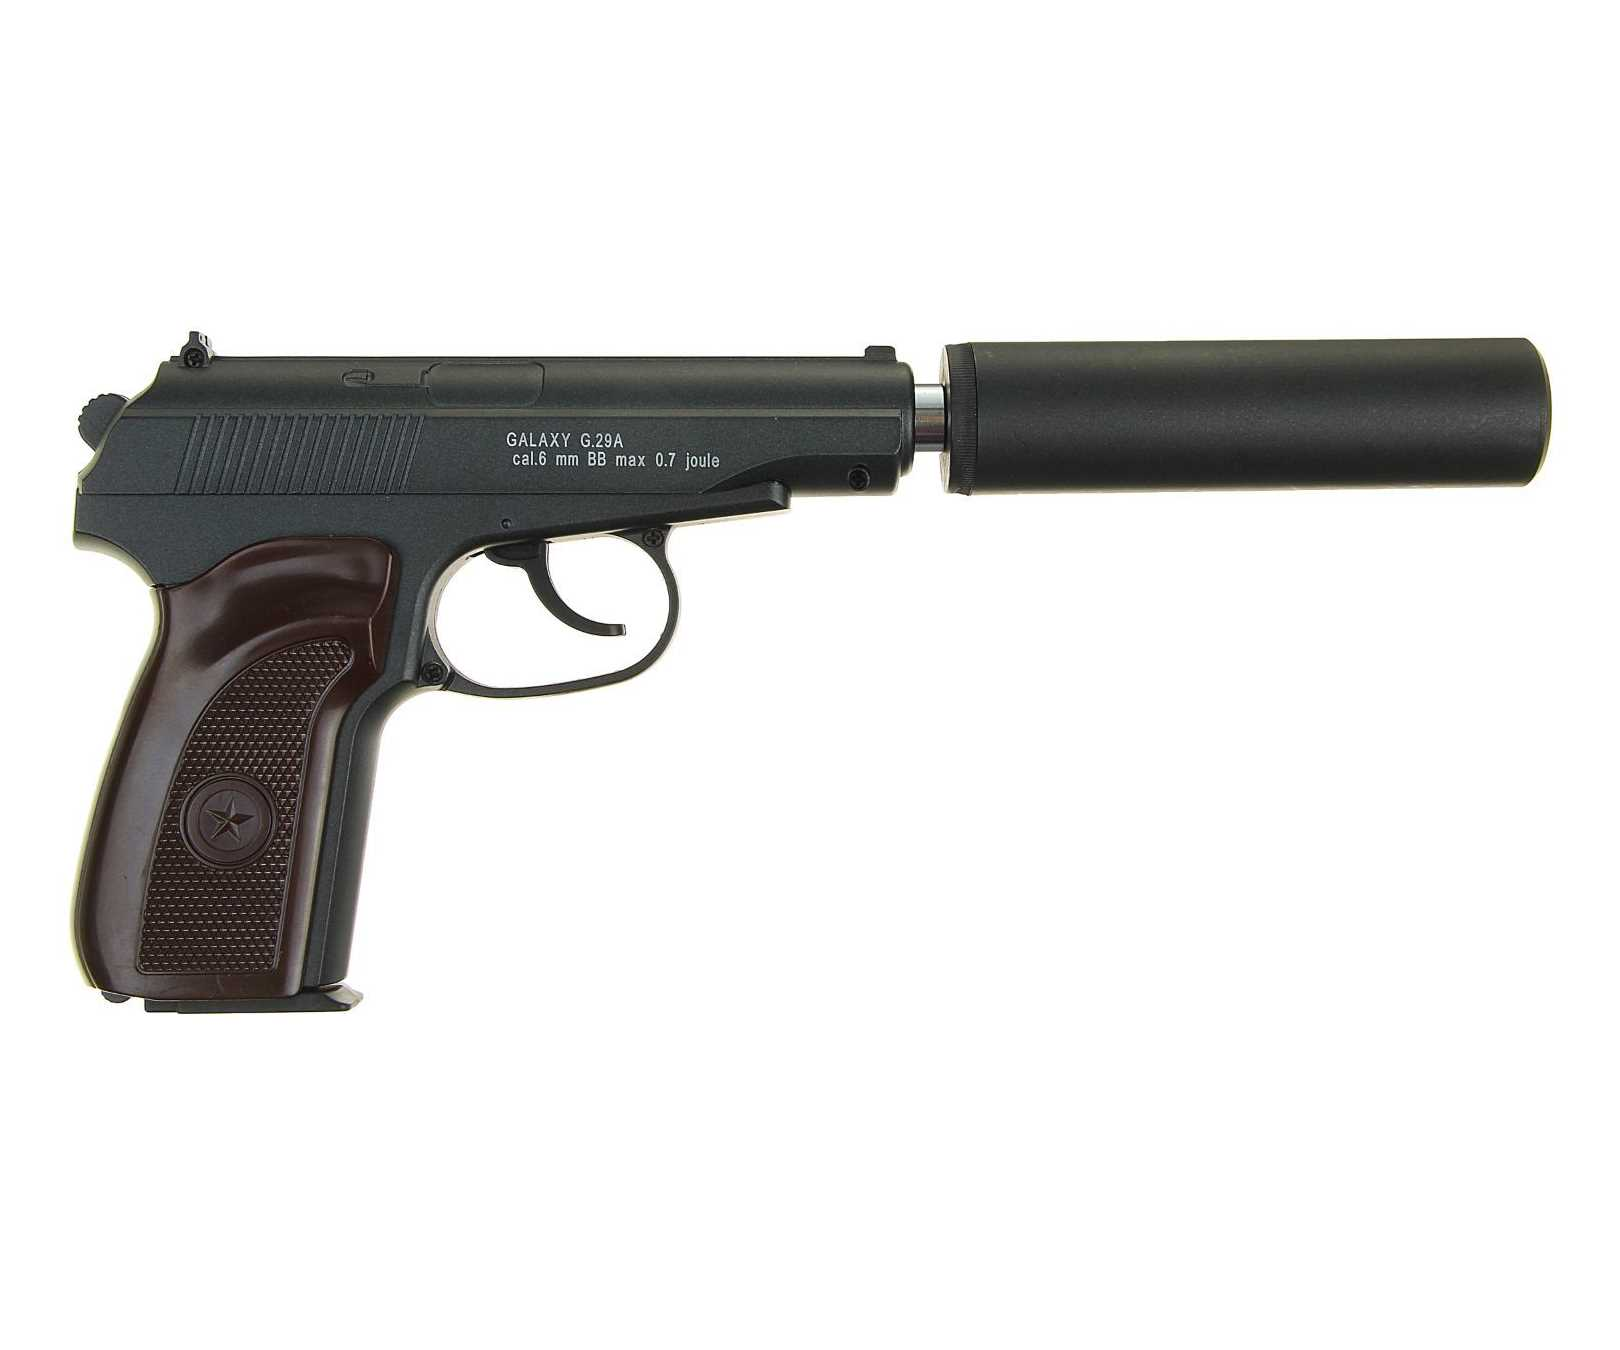 Страйкбольный пружинный пистолет Galaxy Китай (кал. 6 мм) G.29-A (ПM с глушителем) фото